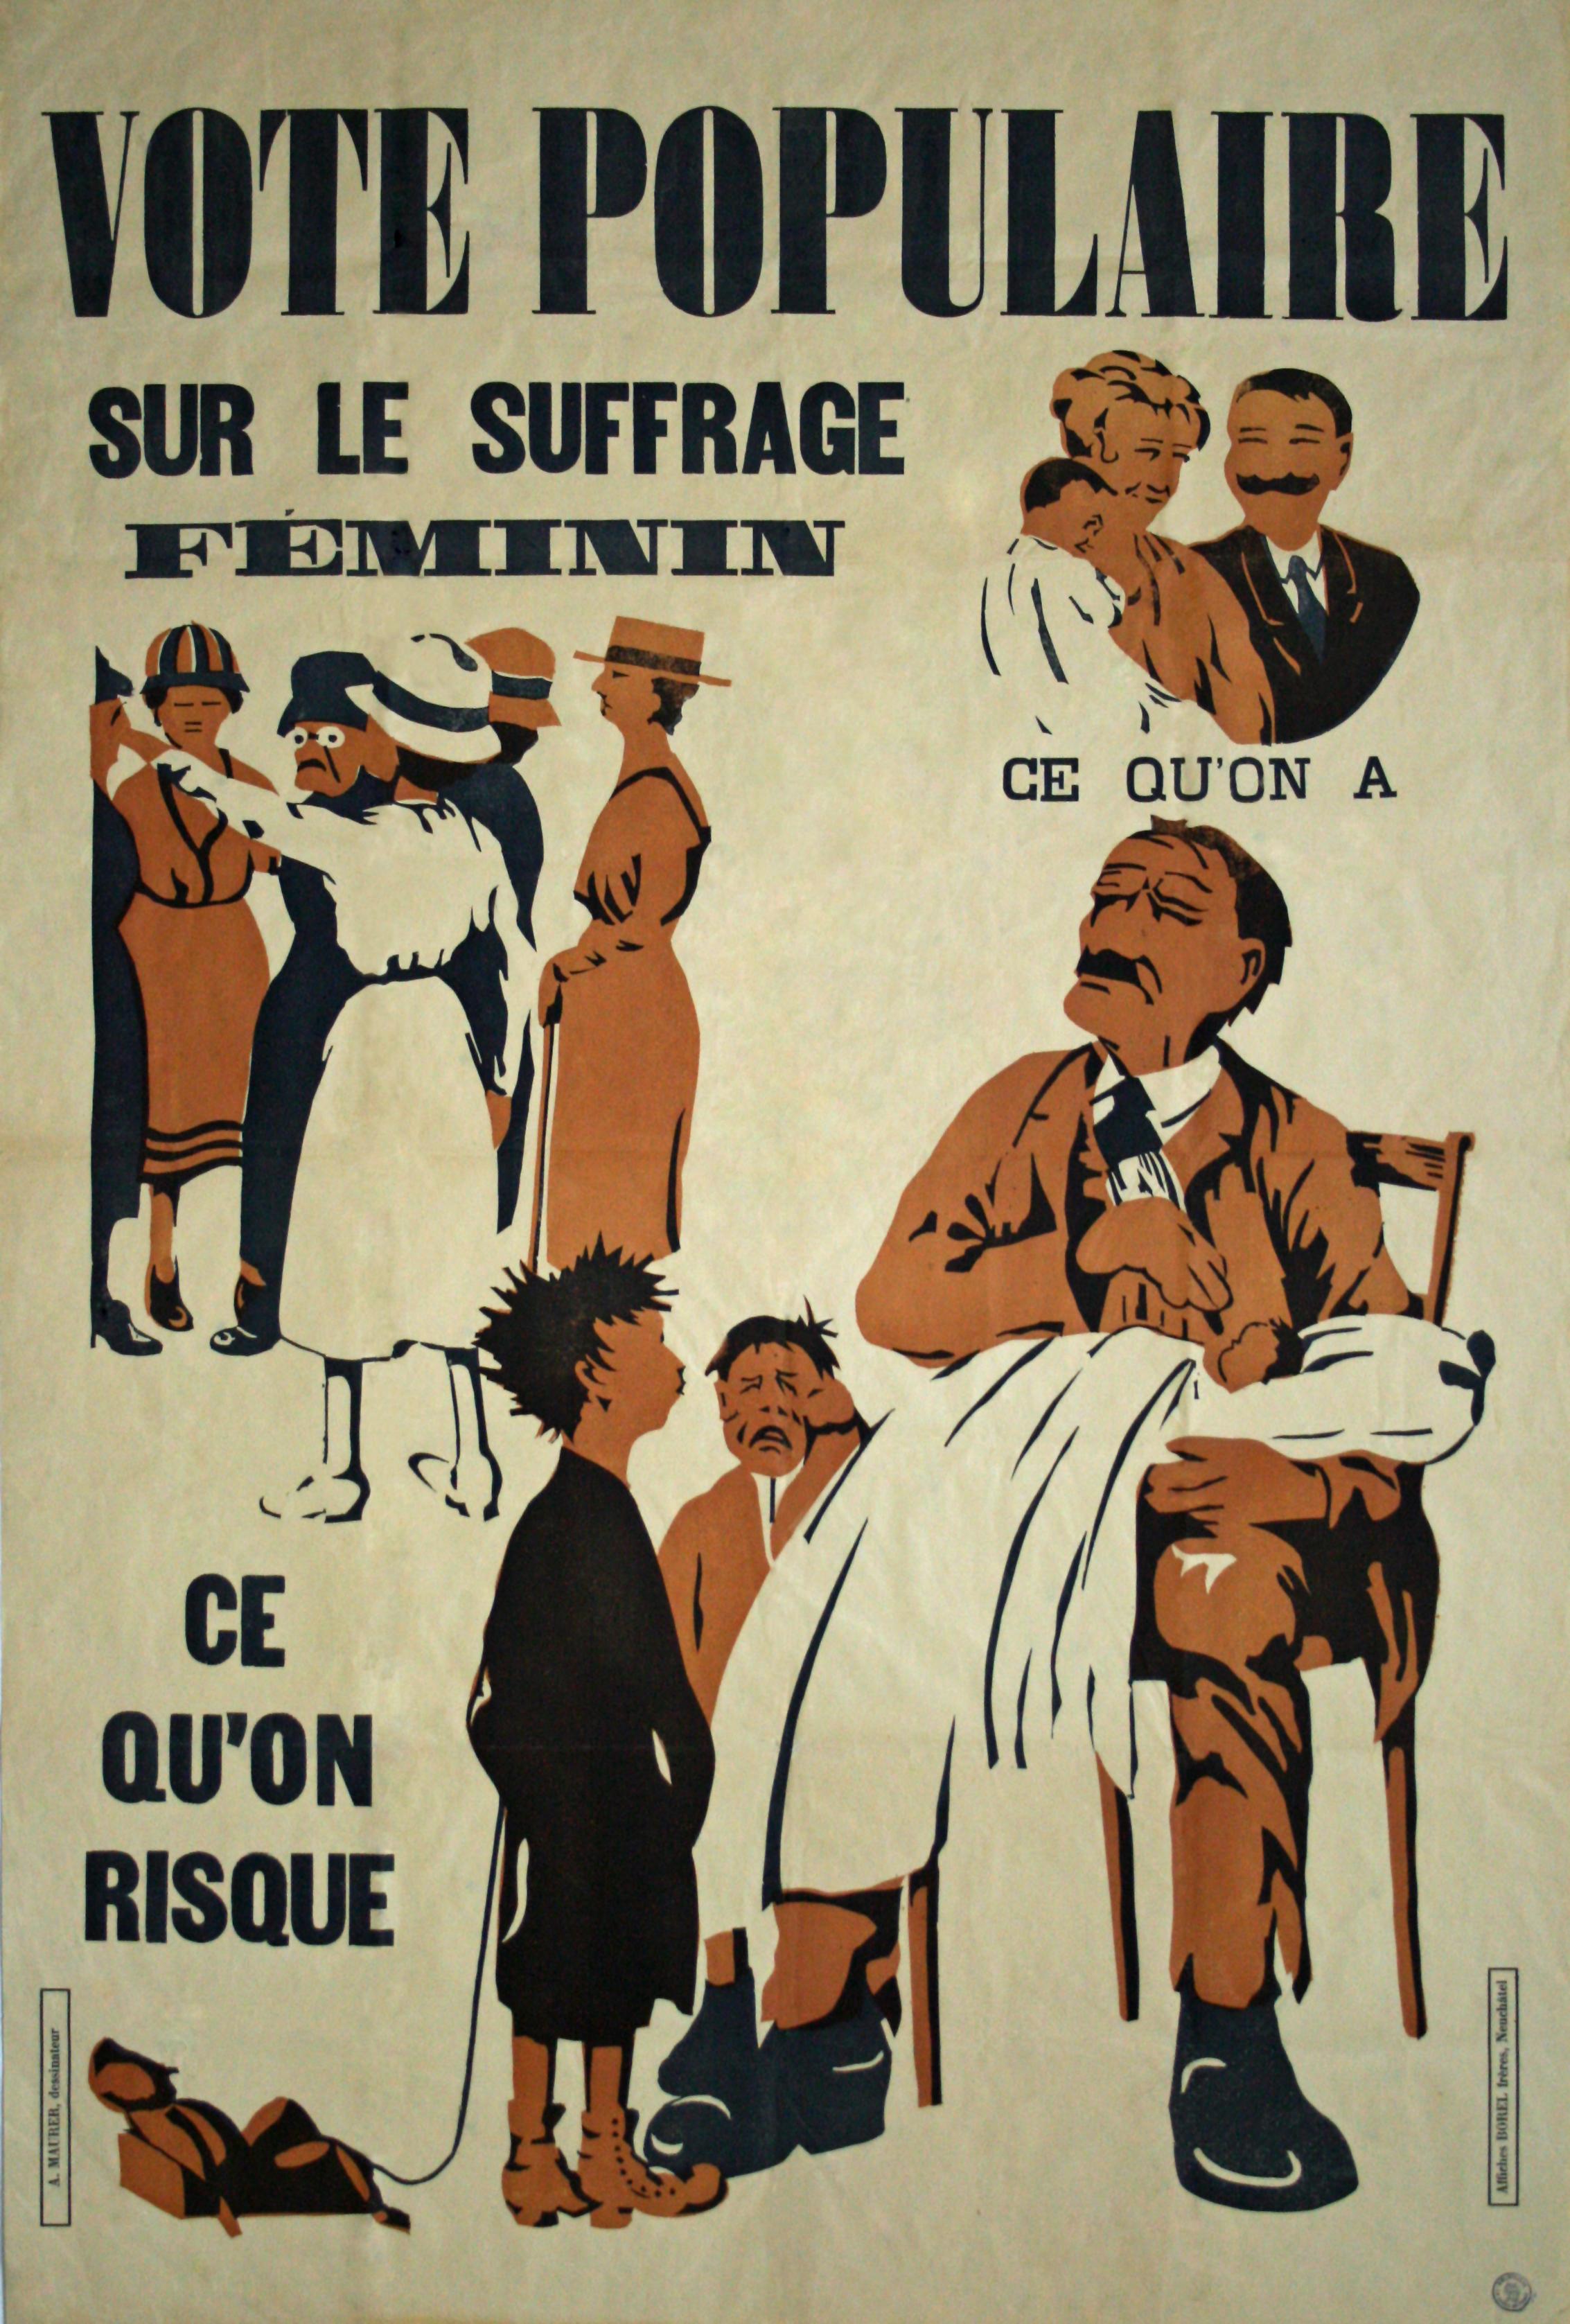 Vote populaire sur le suffrage féminin : ce qu'on a, ce qu'on risque (1919)